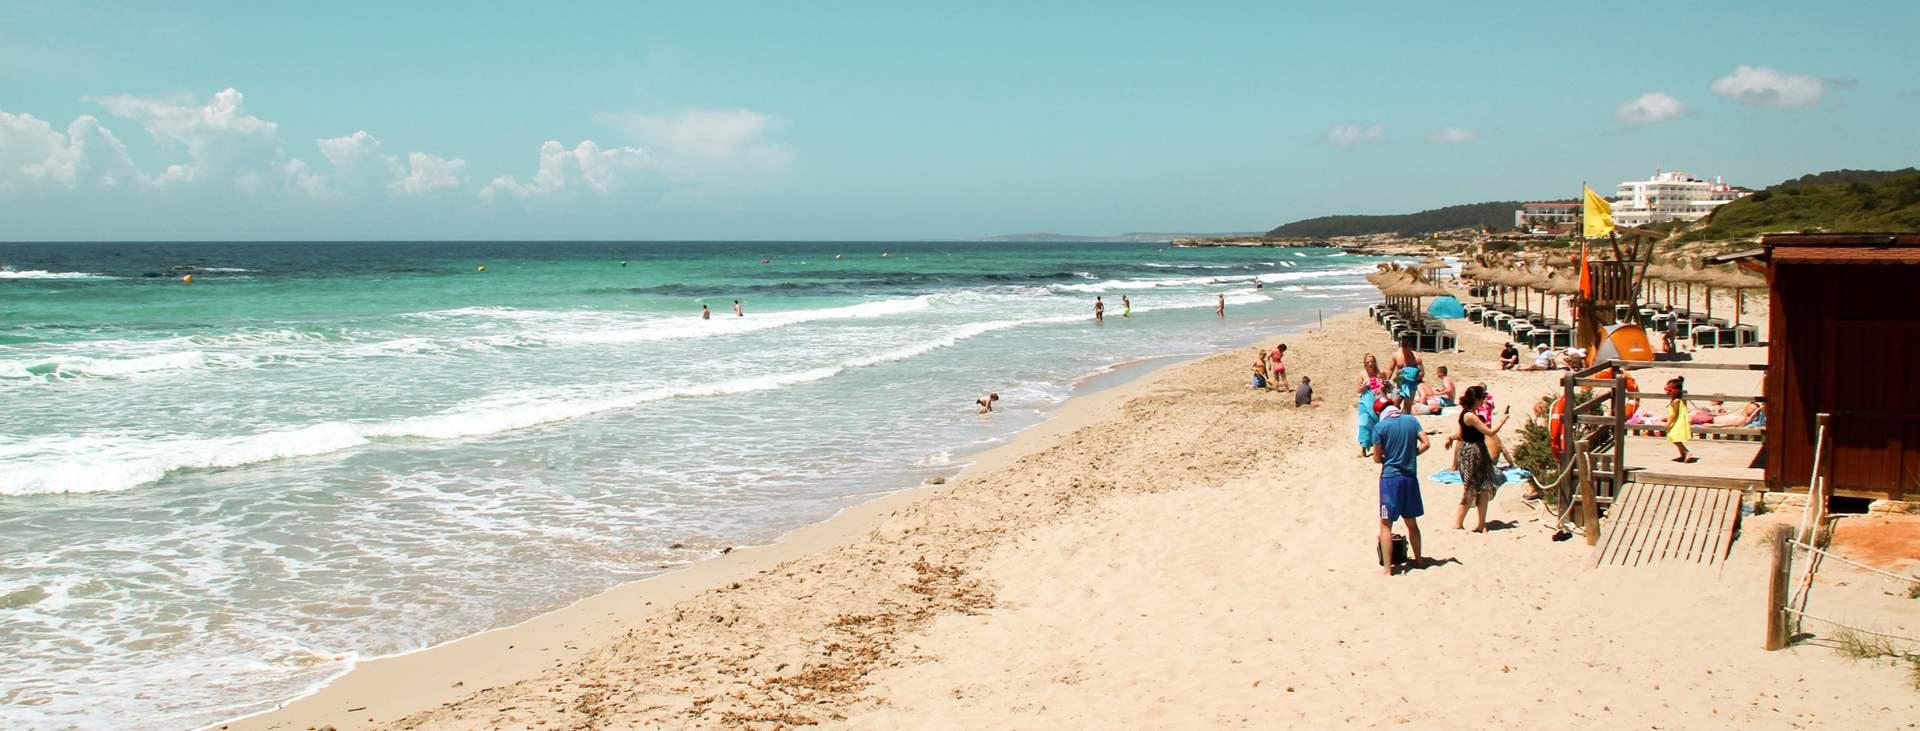 Santo Tomasista on hyvät mahdollisuudet tehdä retkiä muualle Menorcalle